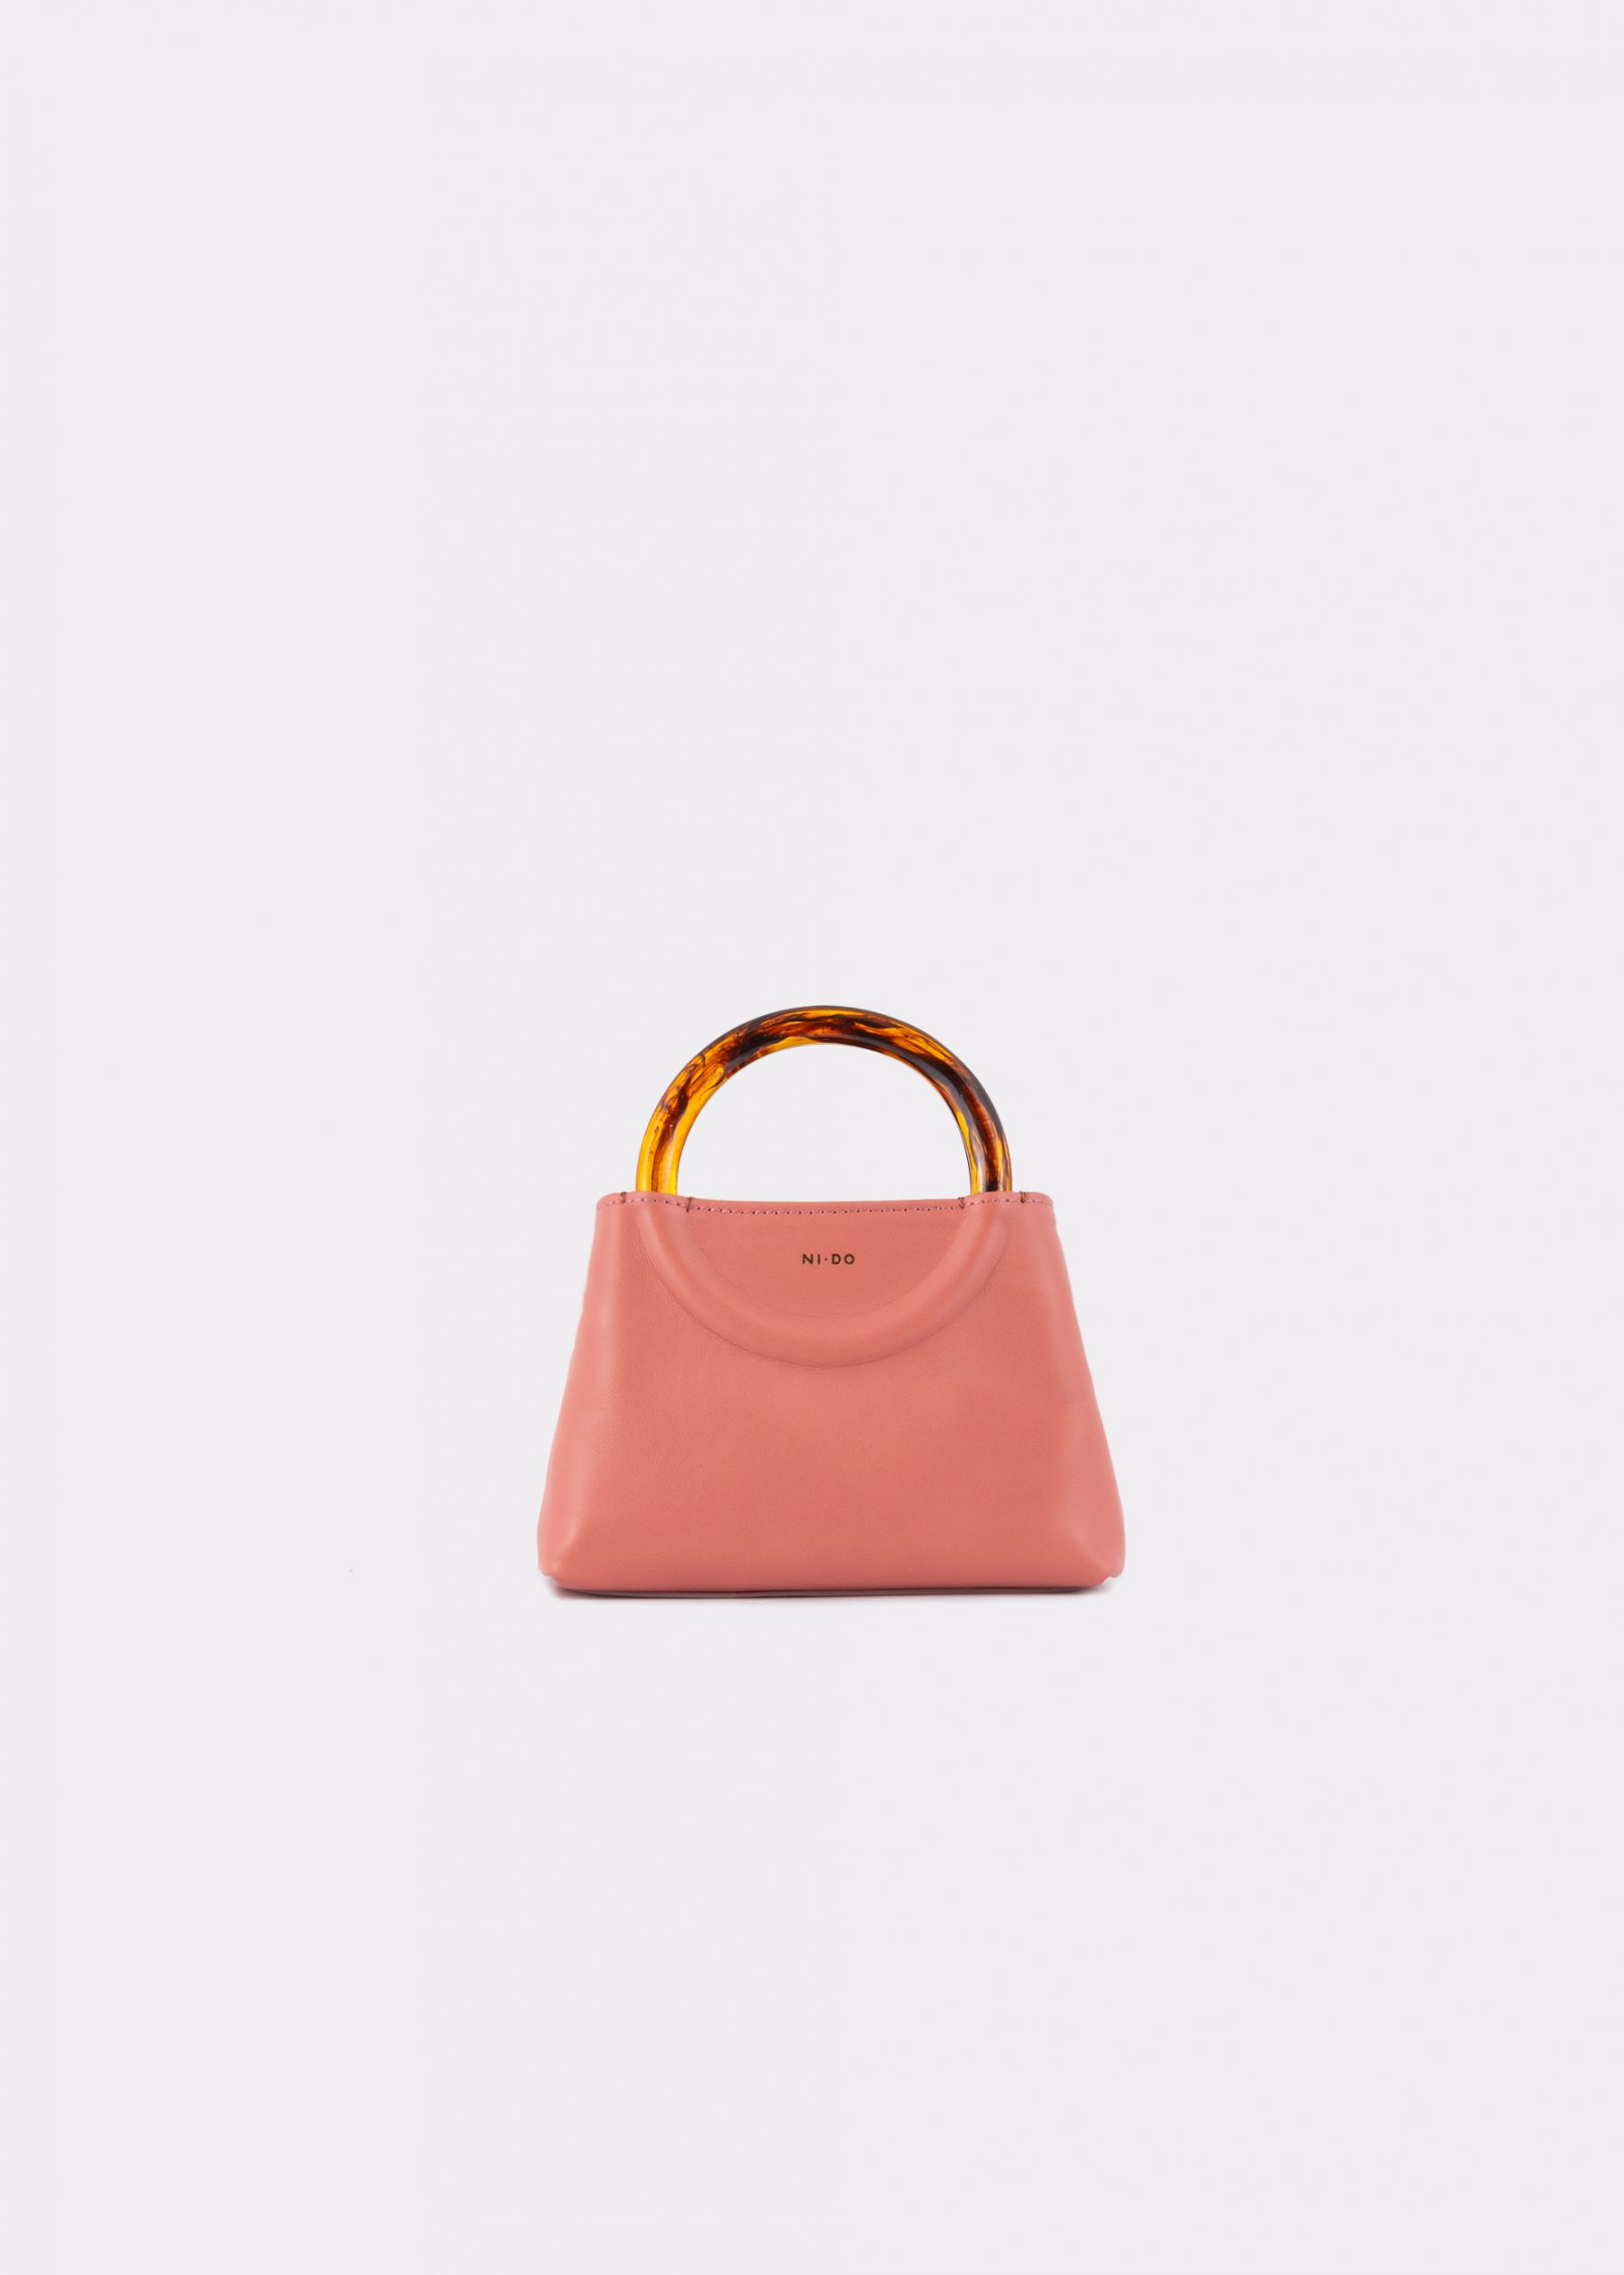 NIDO-Bolla_Micro-bag-blush_front view